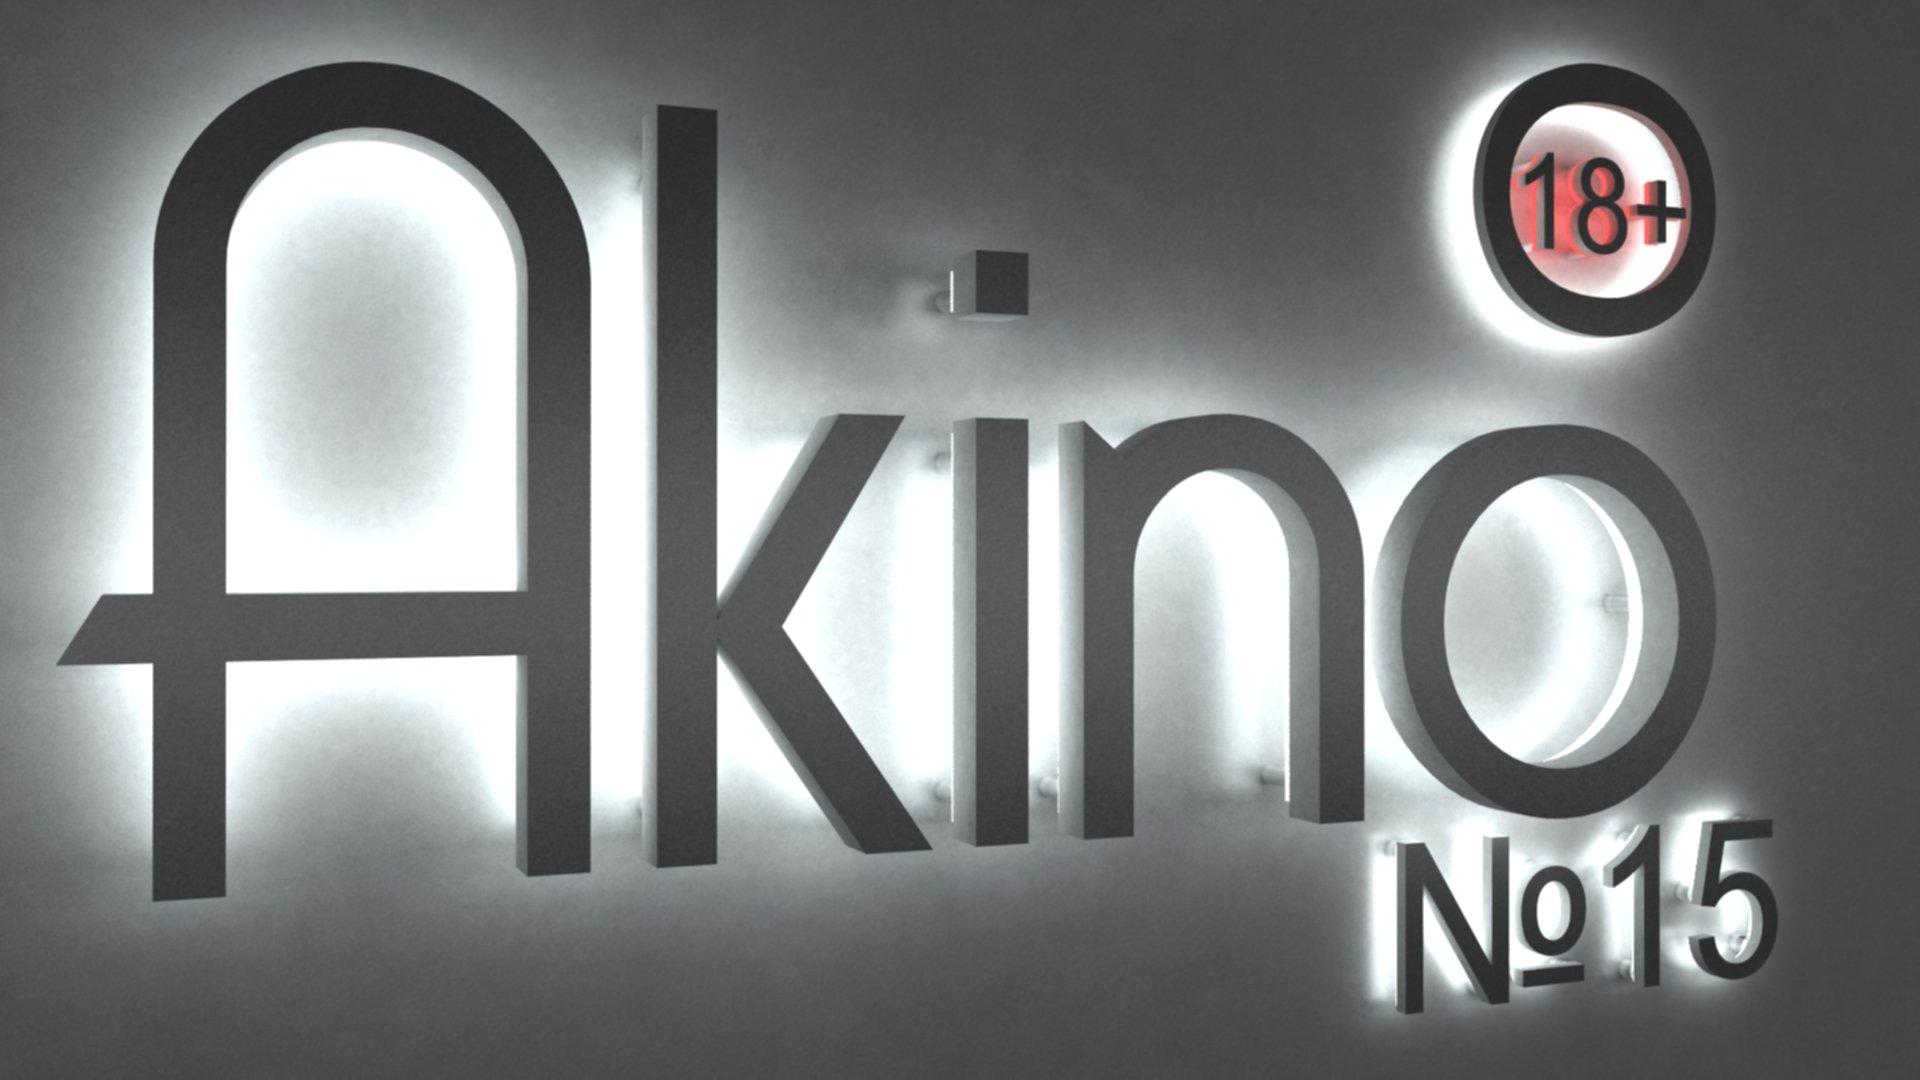 Подкаст AkiNO Выпуск № 15 (18+) - Изображение 1